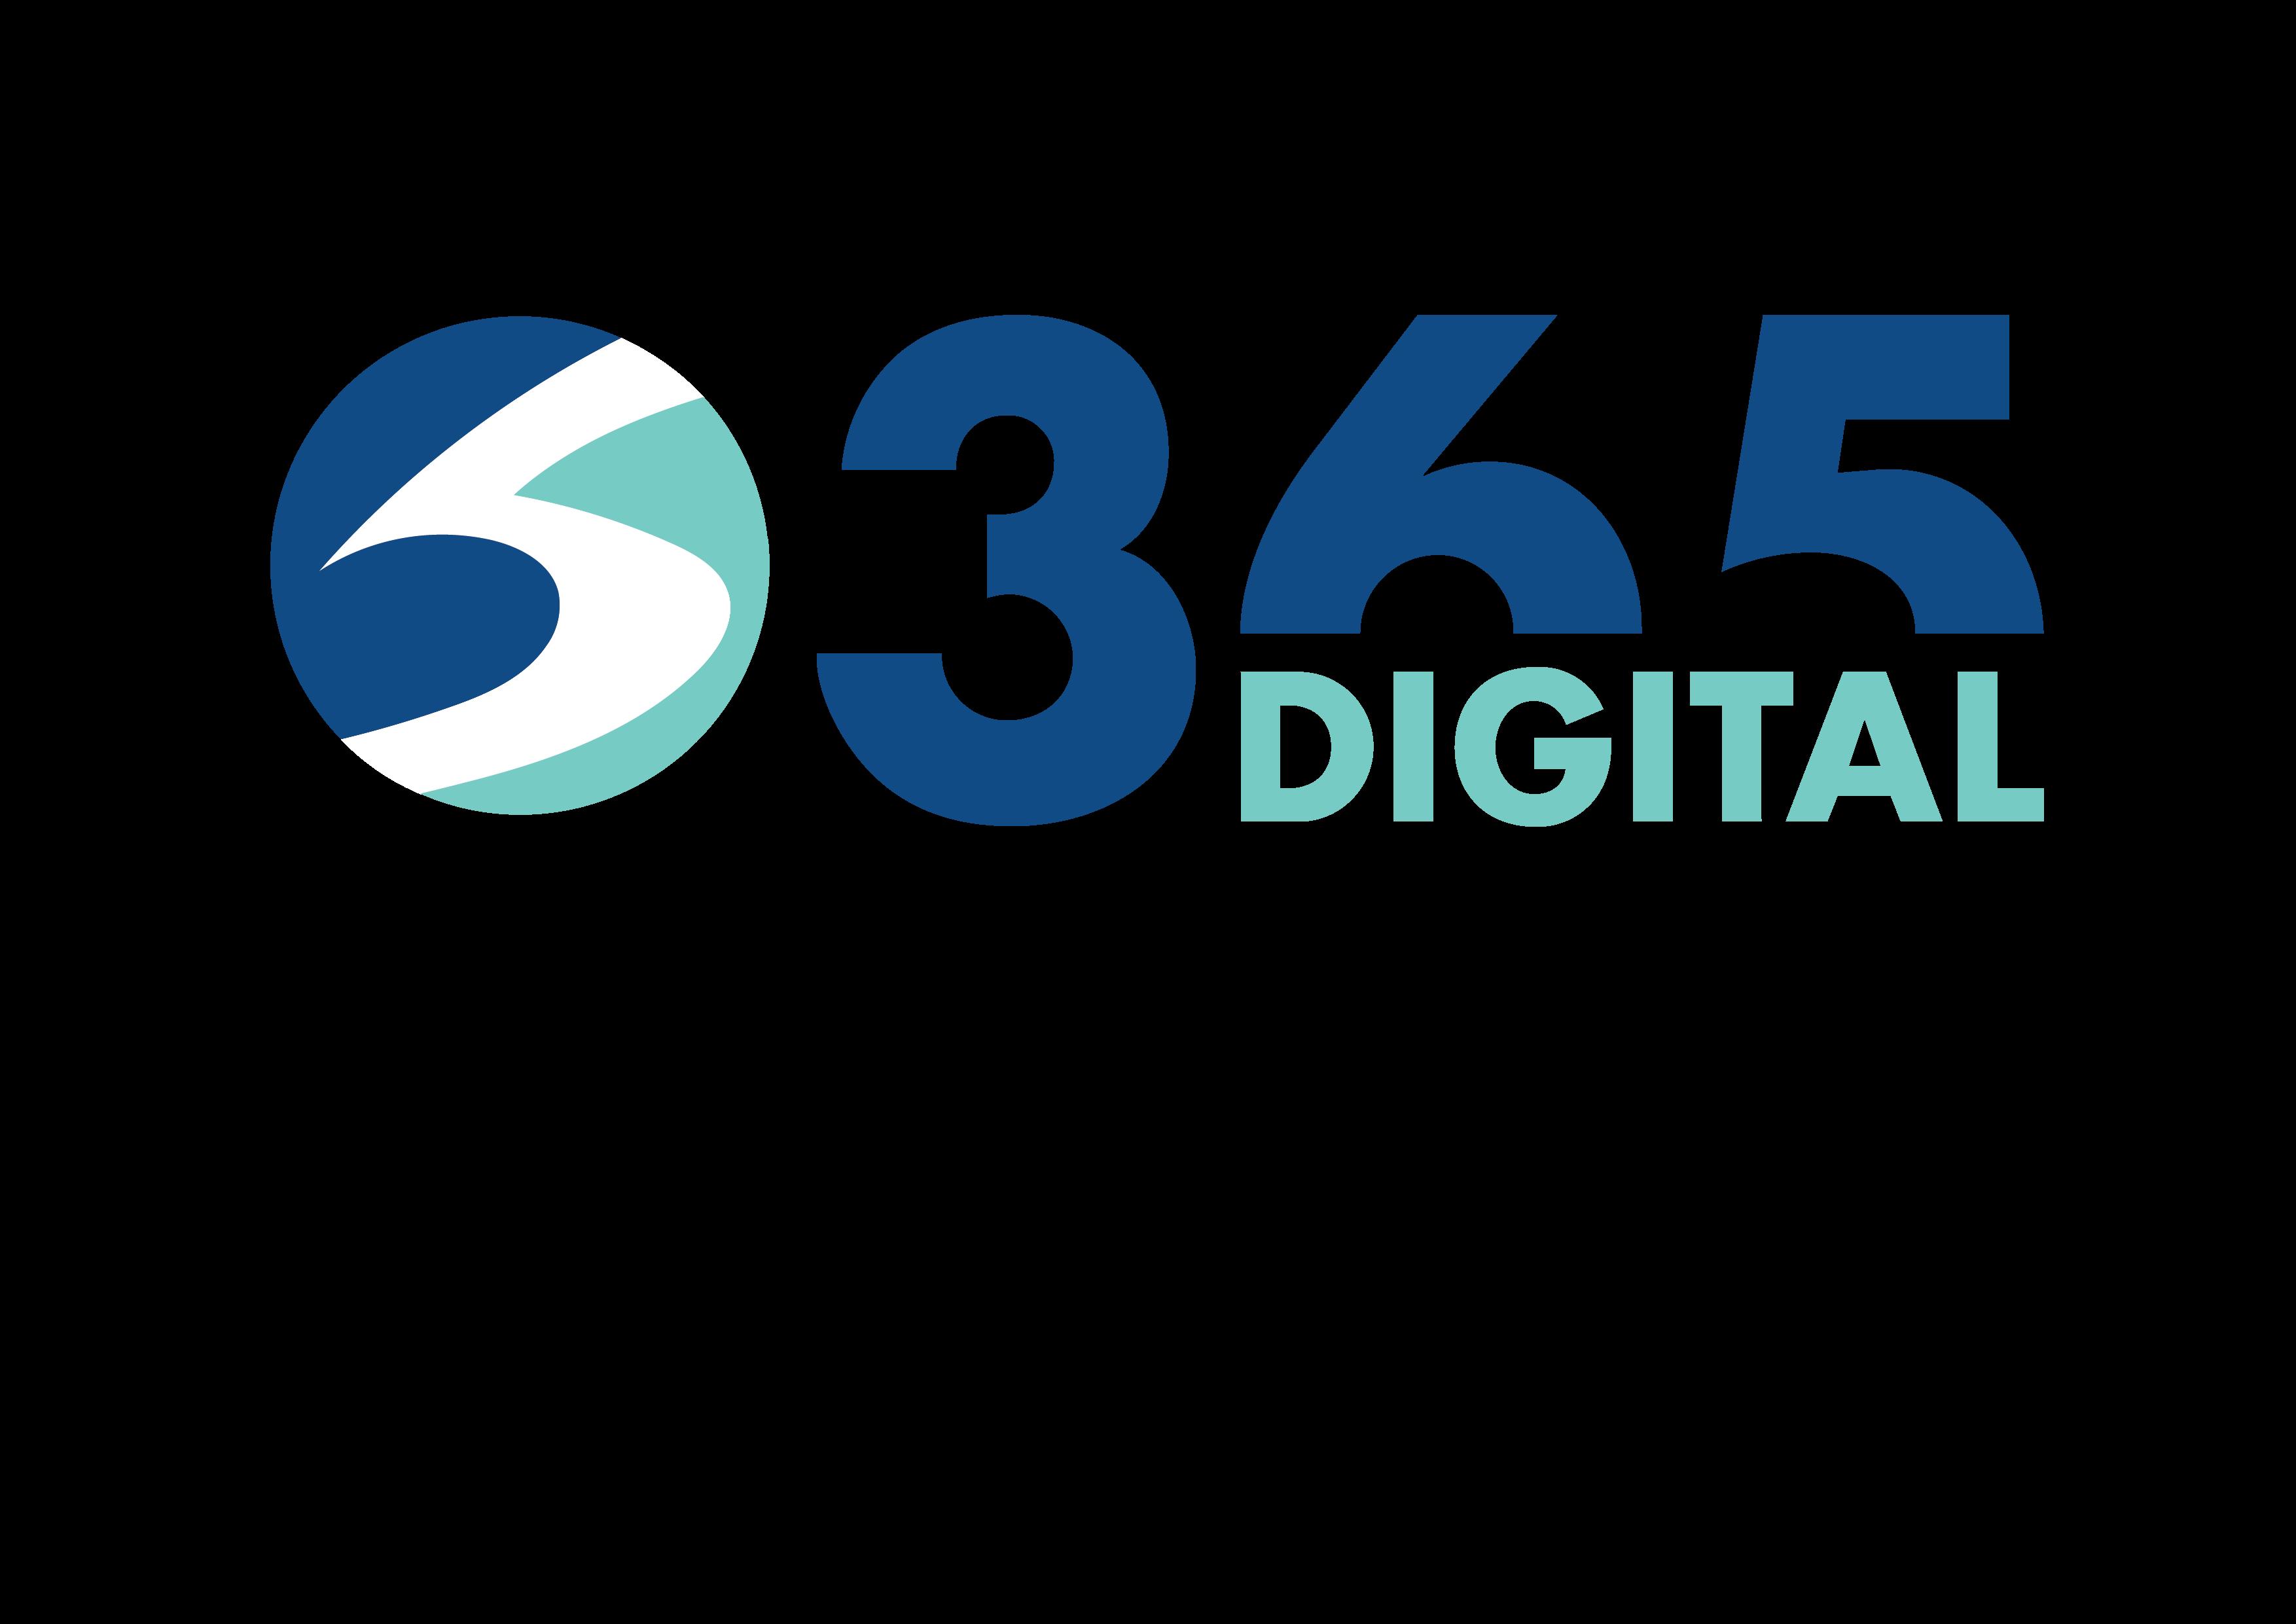 365 Digital